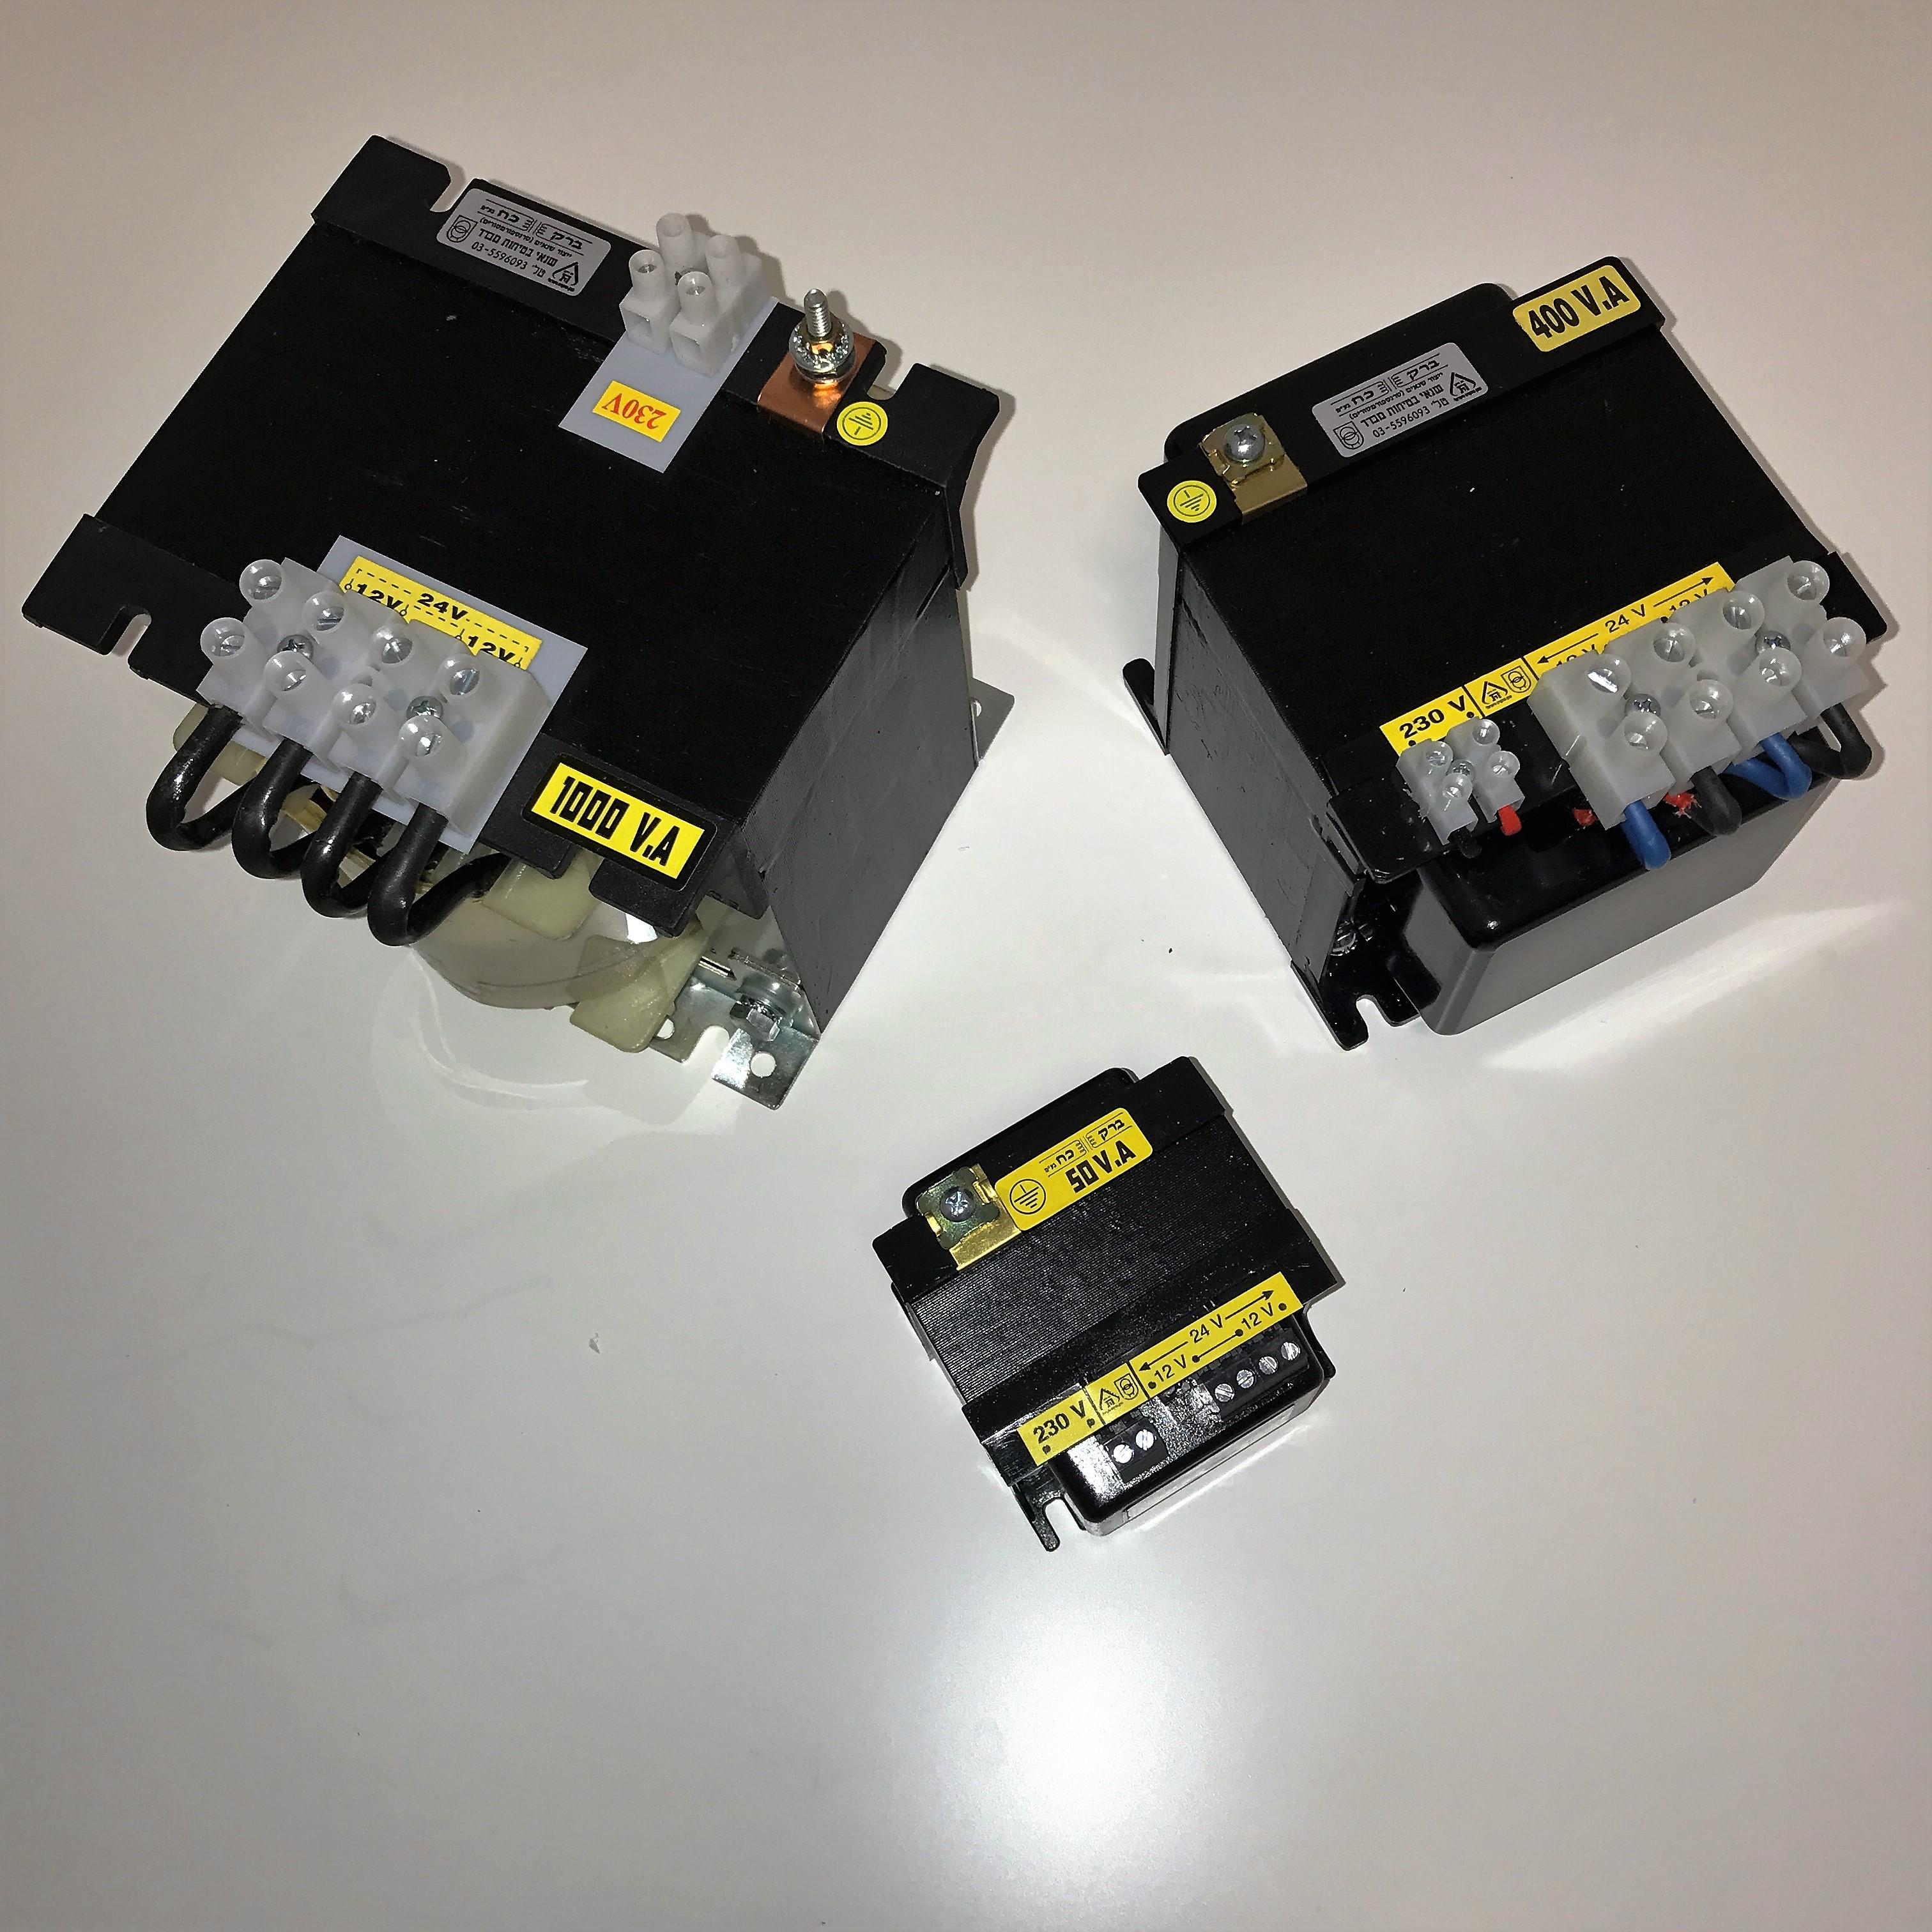 שנאי מבדל בהספק 2500VA במתחים 230V-12V